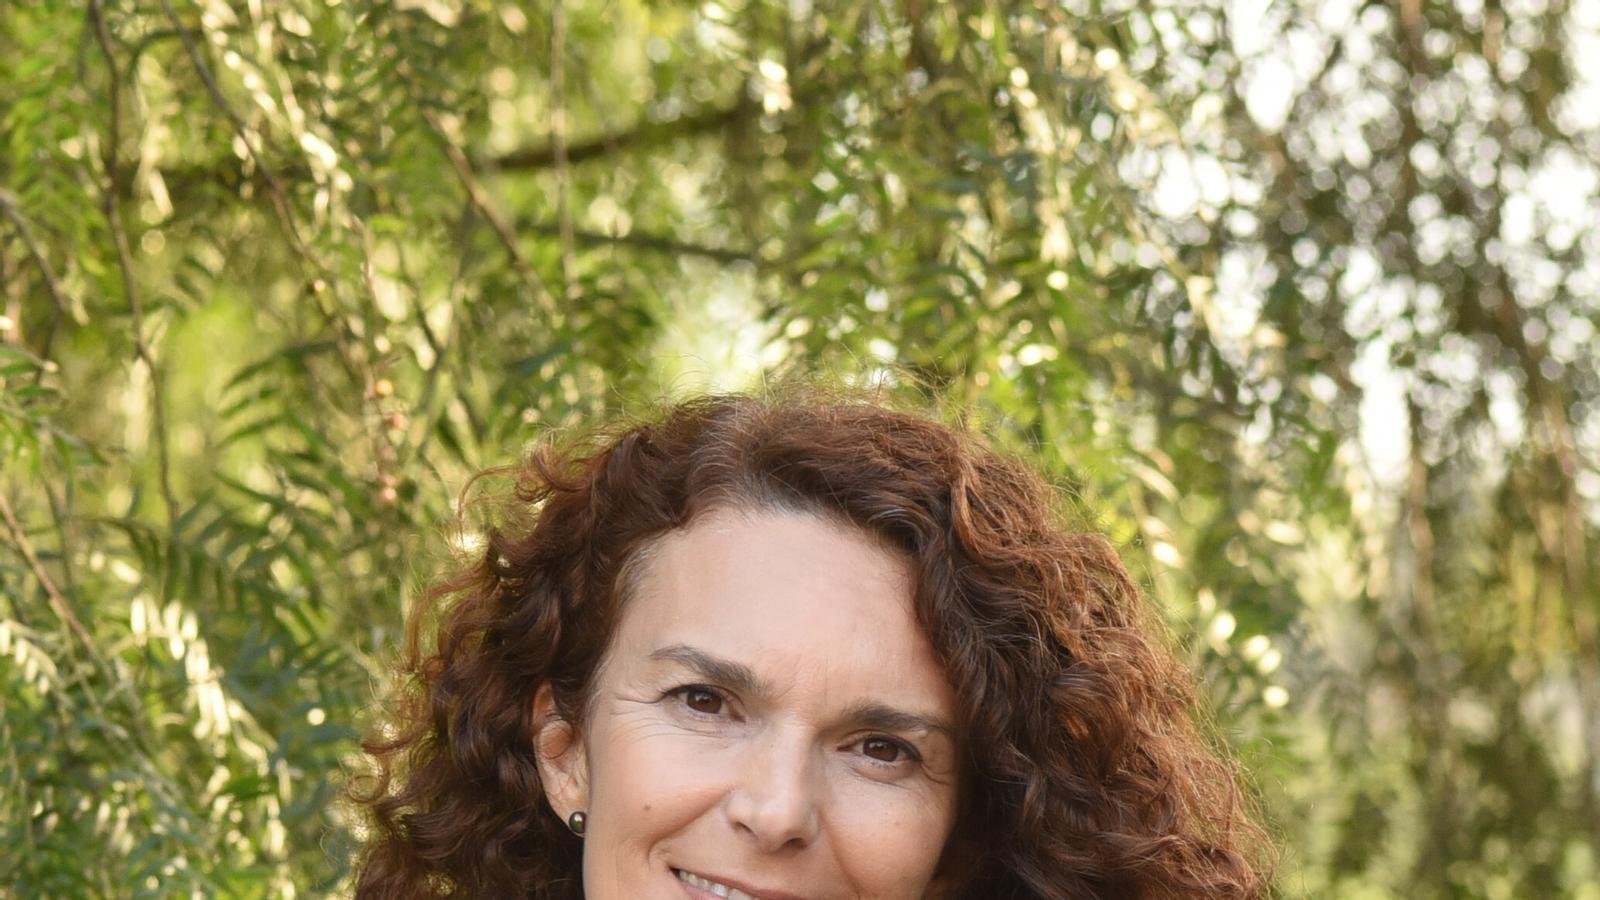 L'autora Isabelle Bes, que ha publicat La prisionera del mar sota l'acrònim de Elise Sebbel